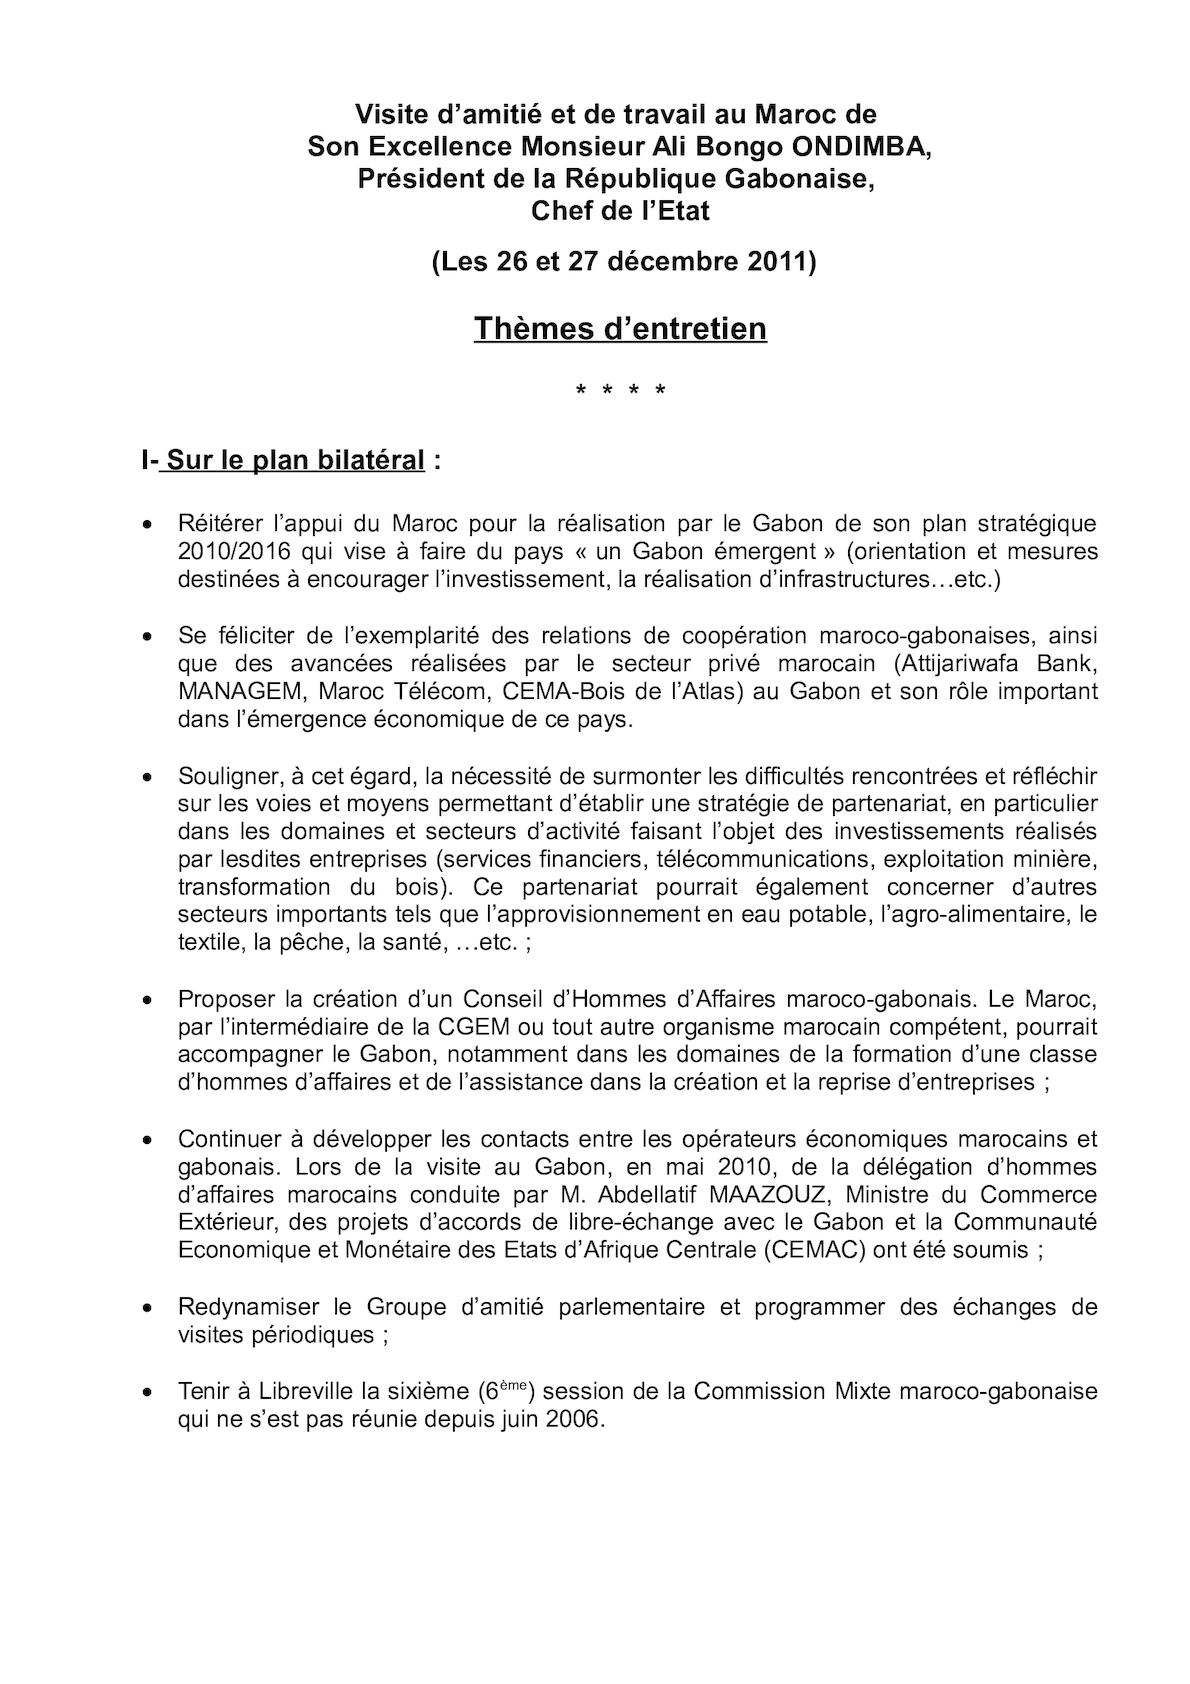 Thèmes D'entretien, Gabon Décembre 2011